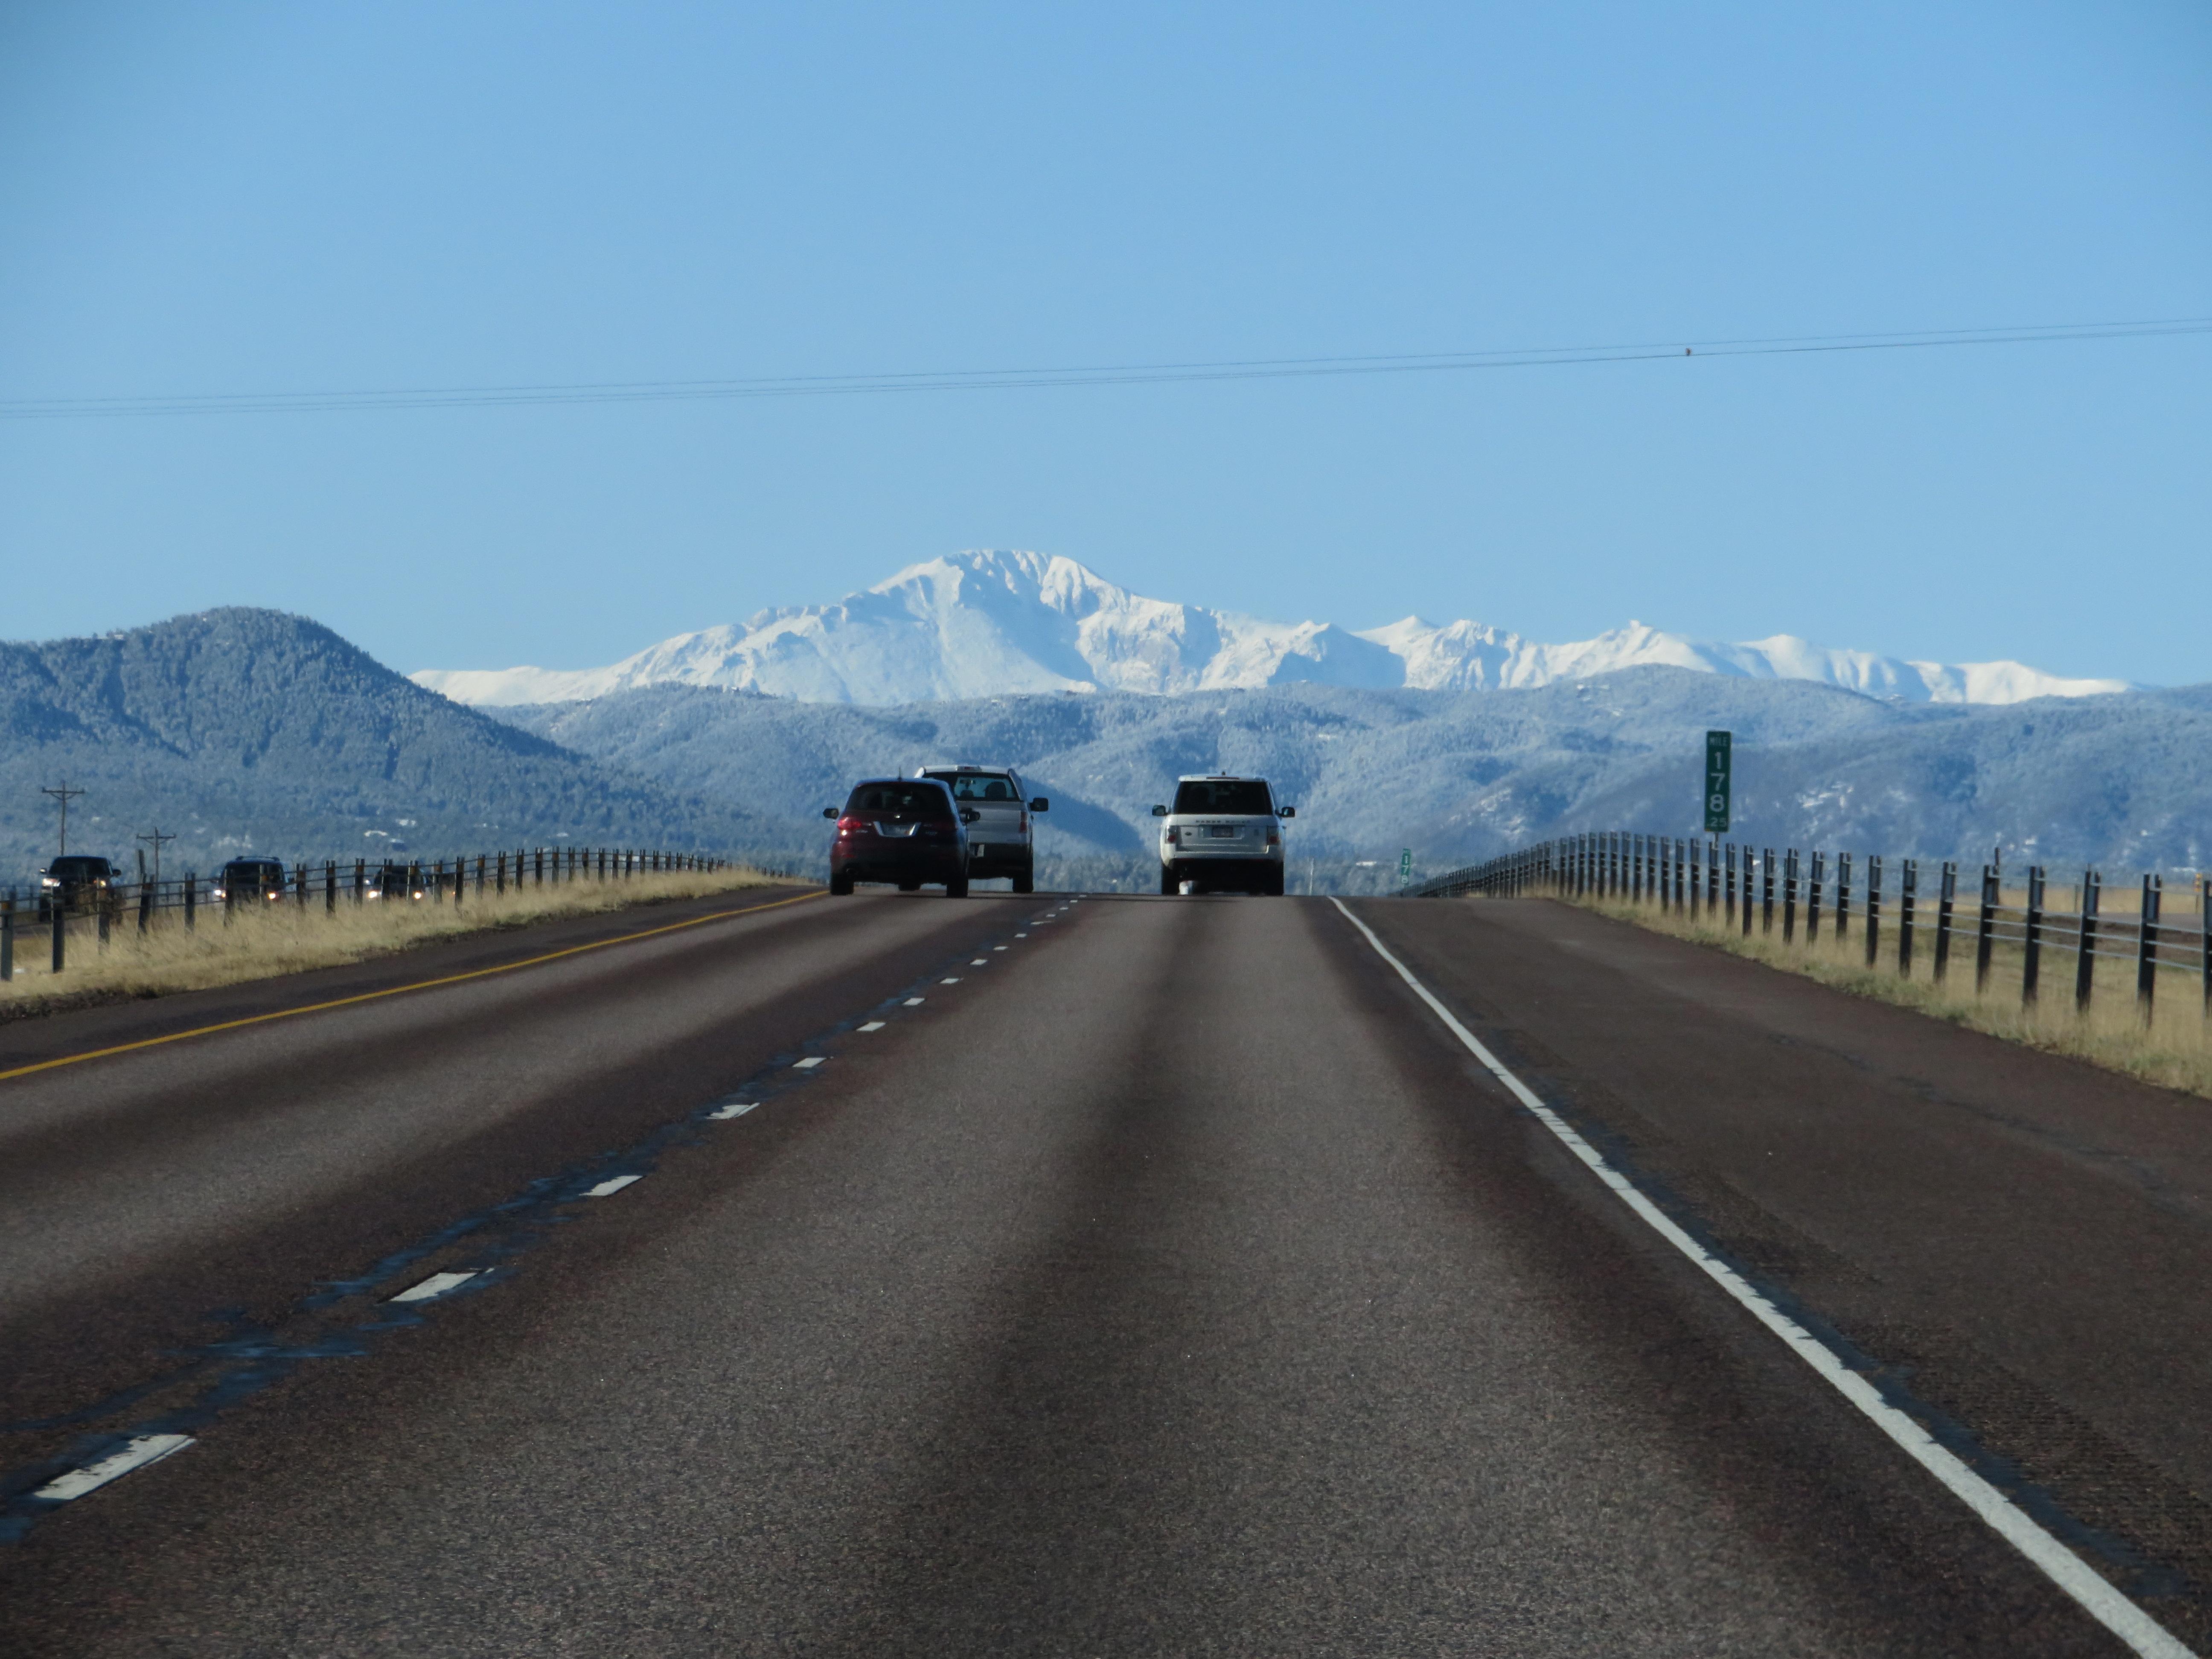 Onderweg naar New Mexico voor Global Entry aanvraag